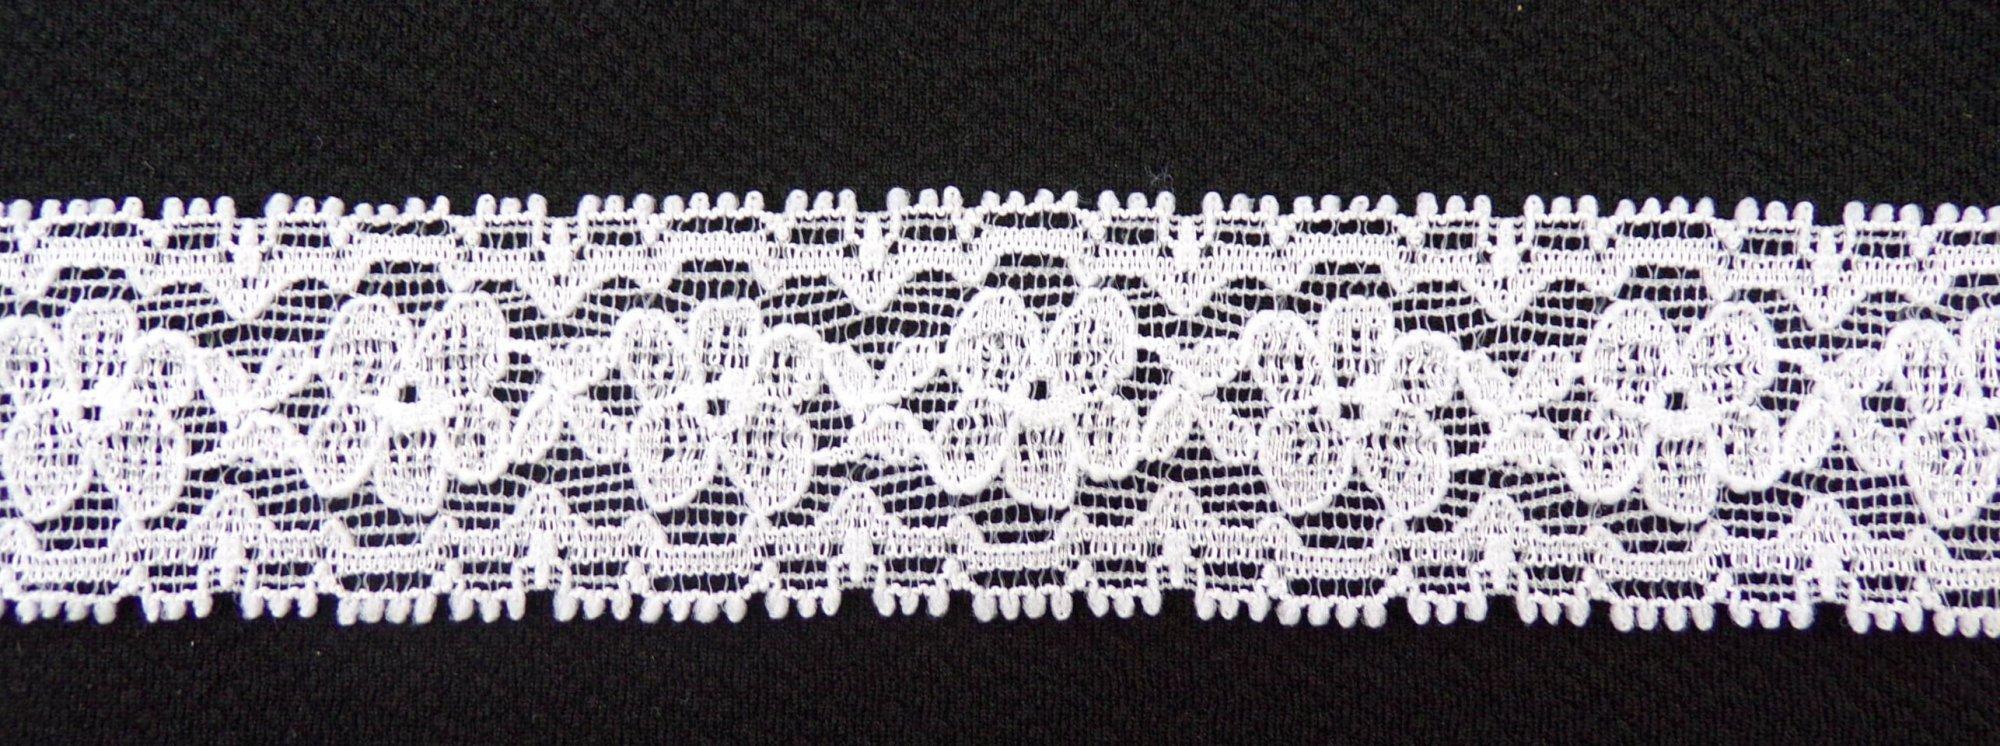 1 1/4in White stretch lace (SL829)